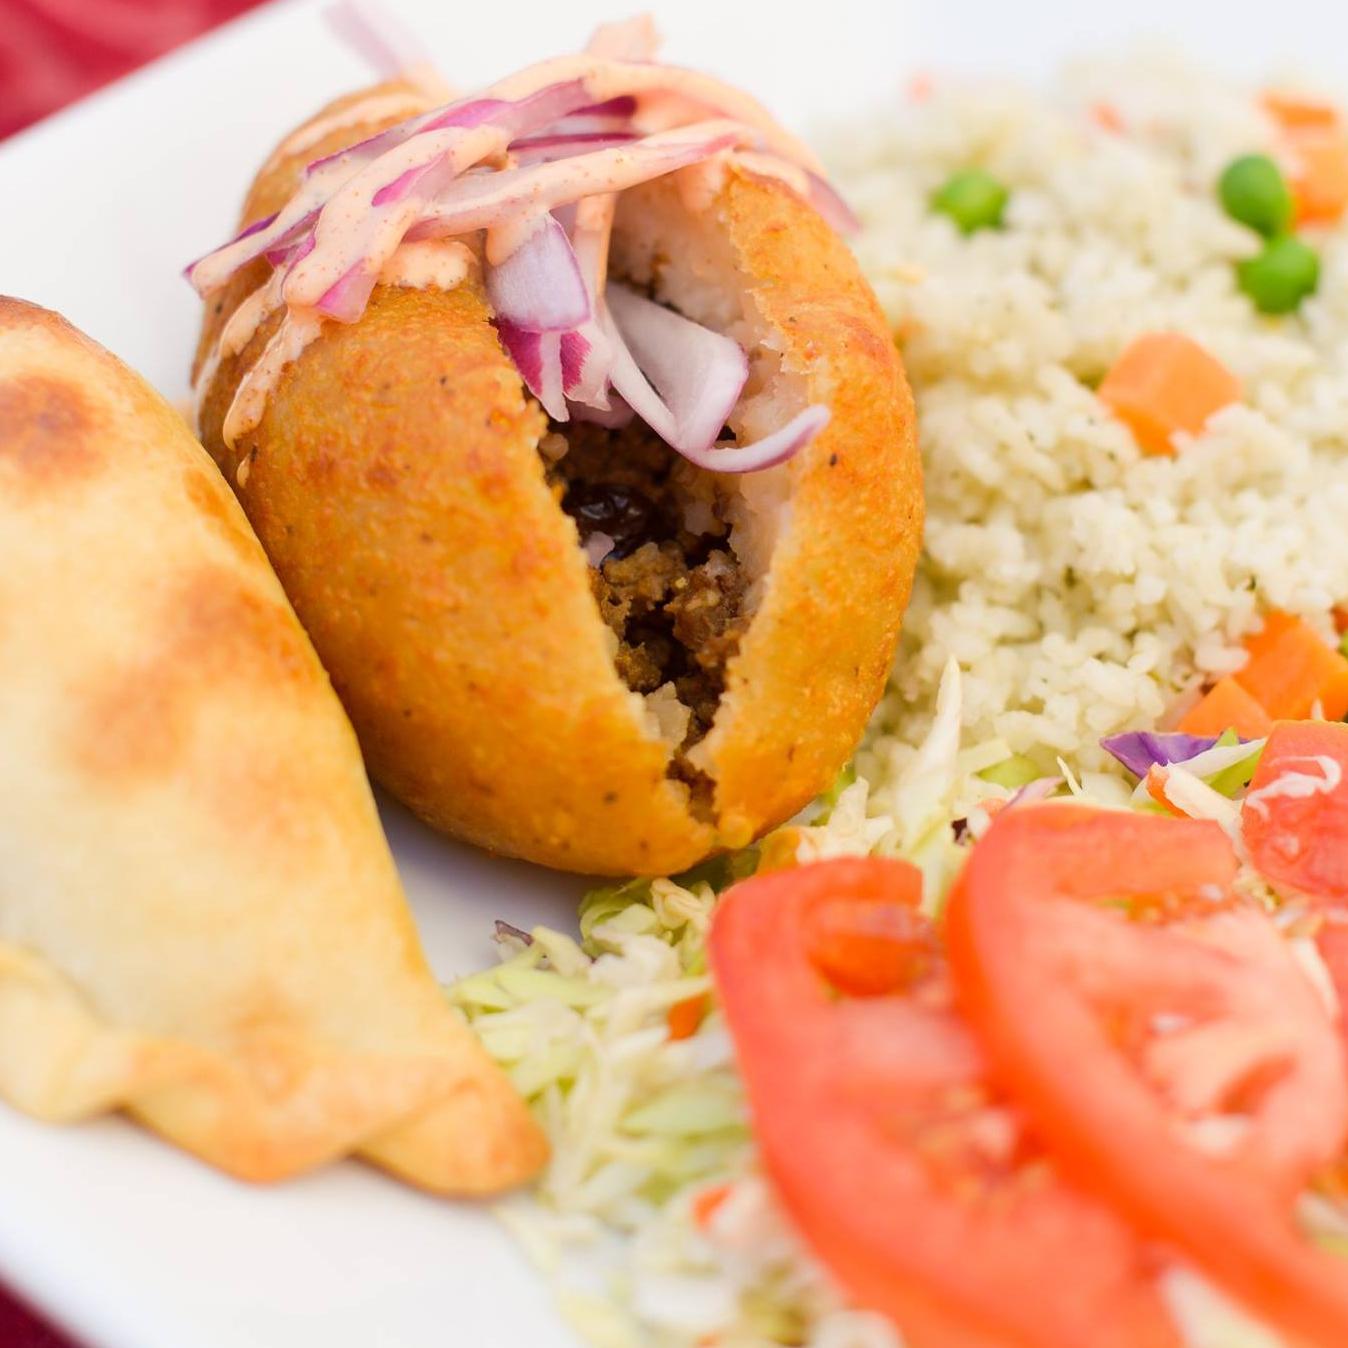 Amhka-Misky-peruvian-food-truck